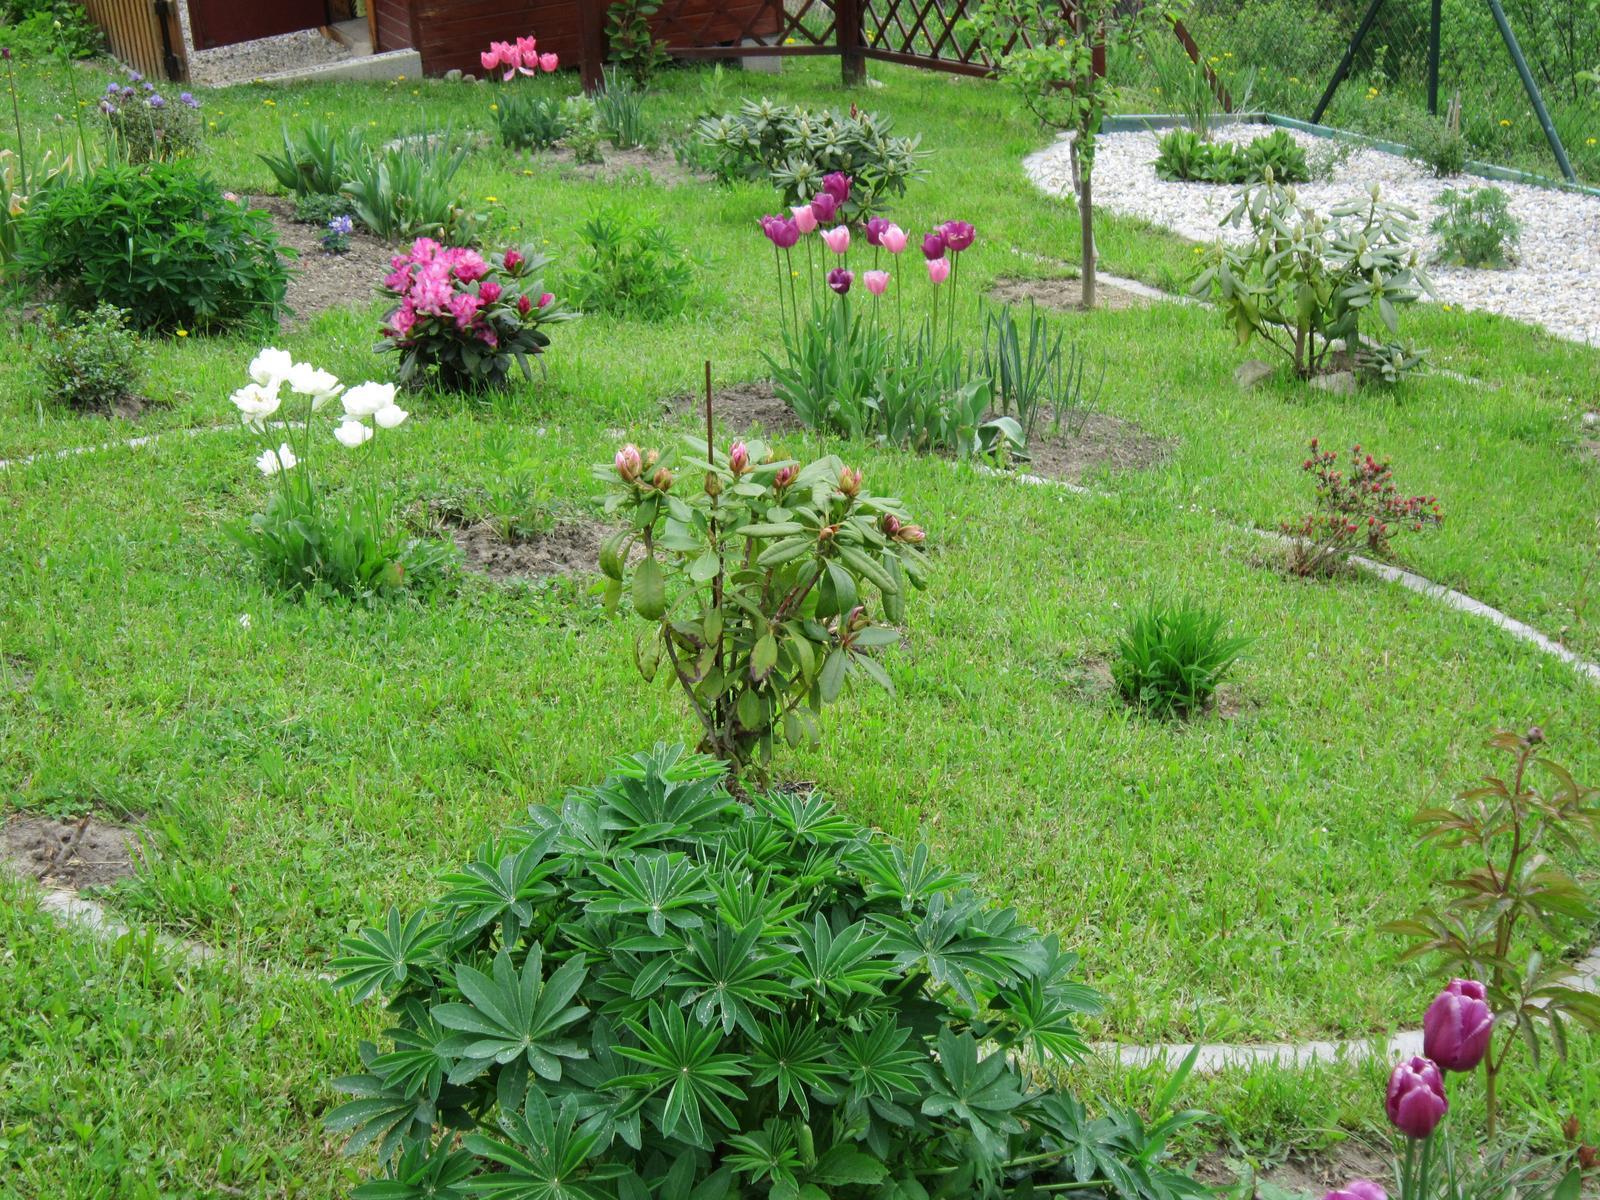 Moja záhrada...ako šiel čas - Obrázok č. 41